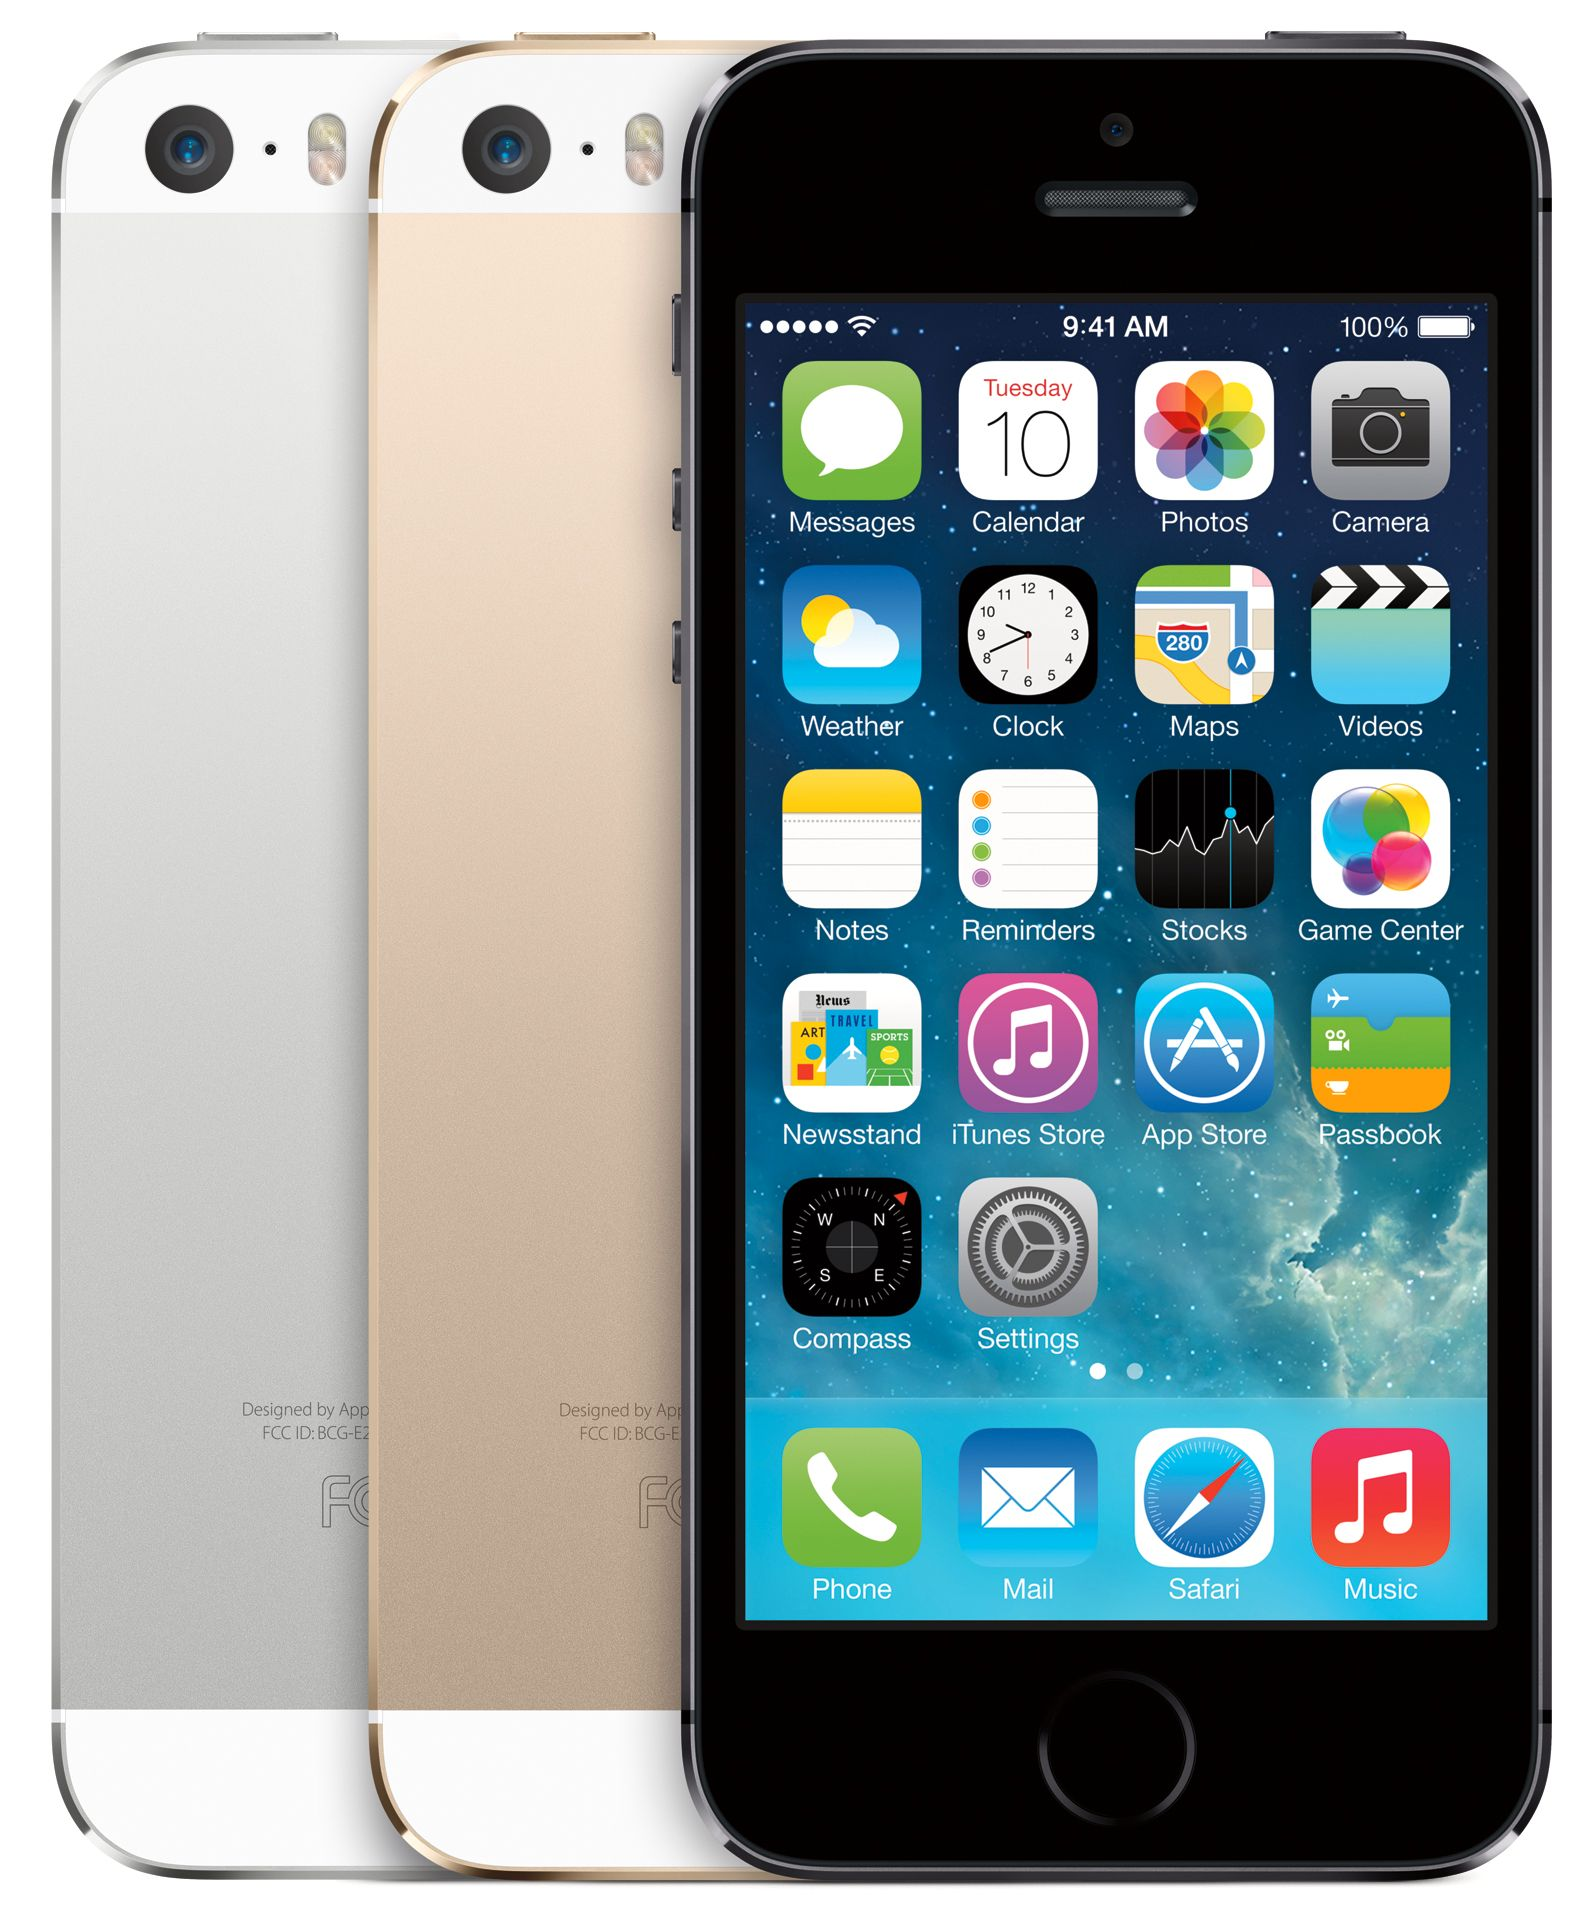 iPhone 5S har det minste batteriet, og er også den telefonen du må lade hyppigst.Foto: Apple